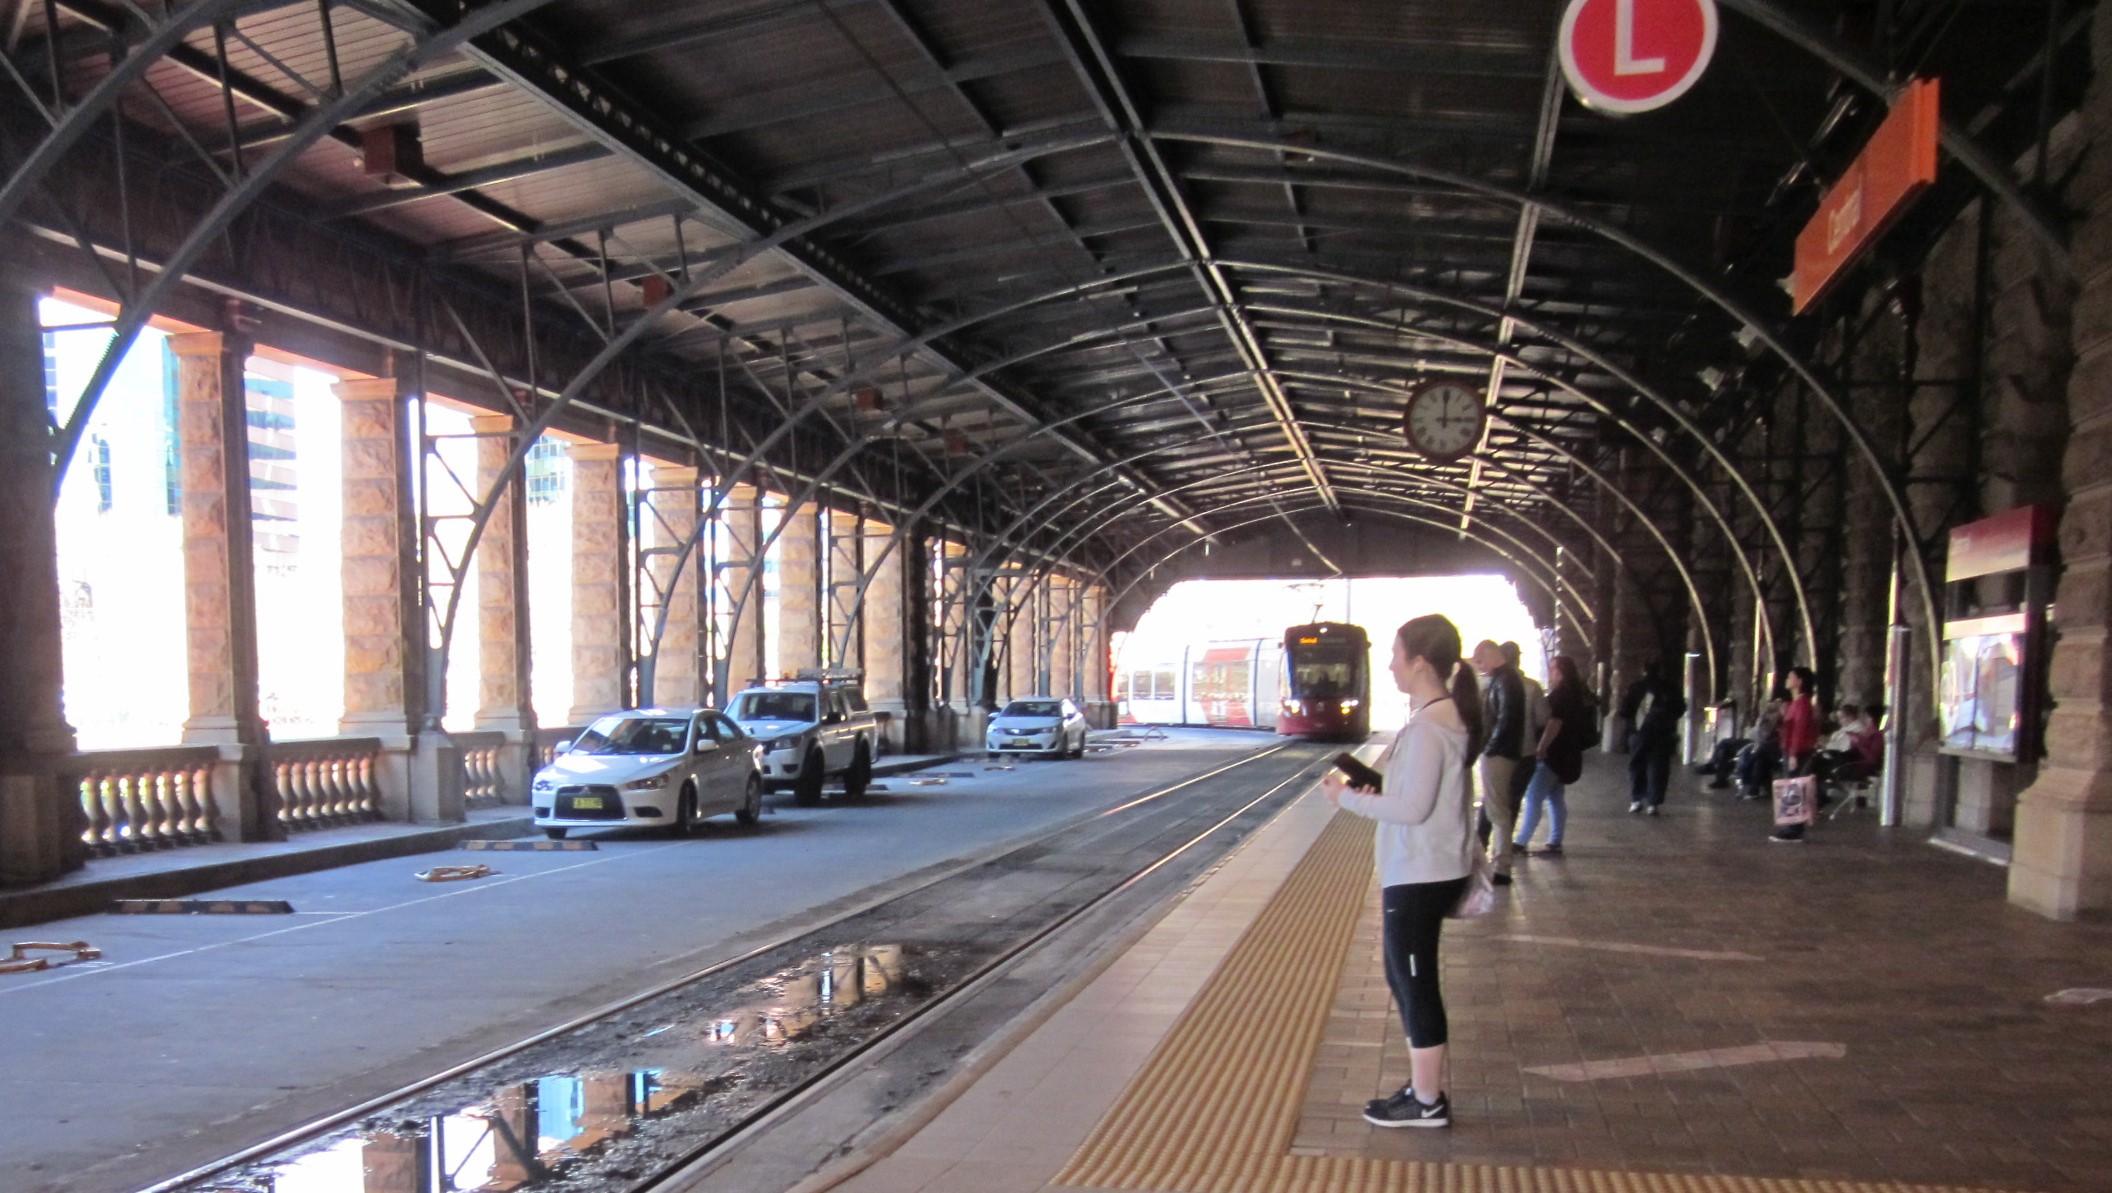 セントラル駅のライトレール乗場